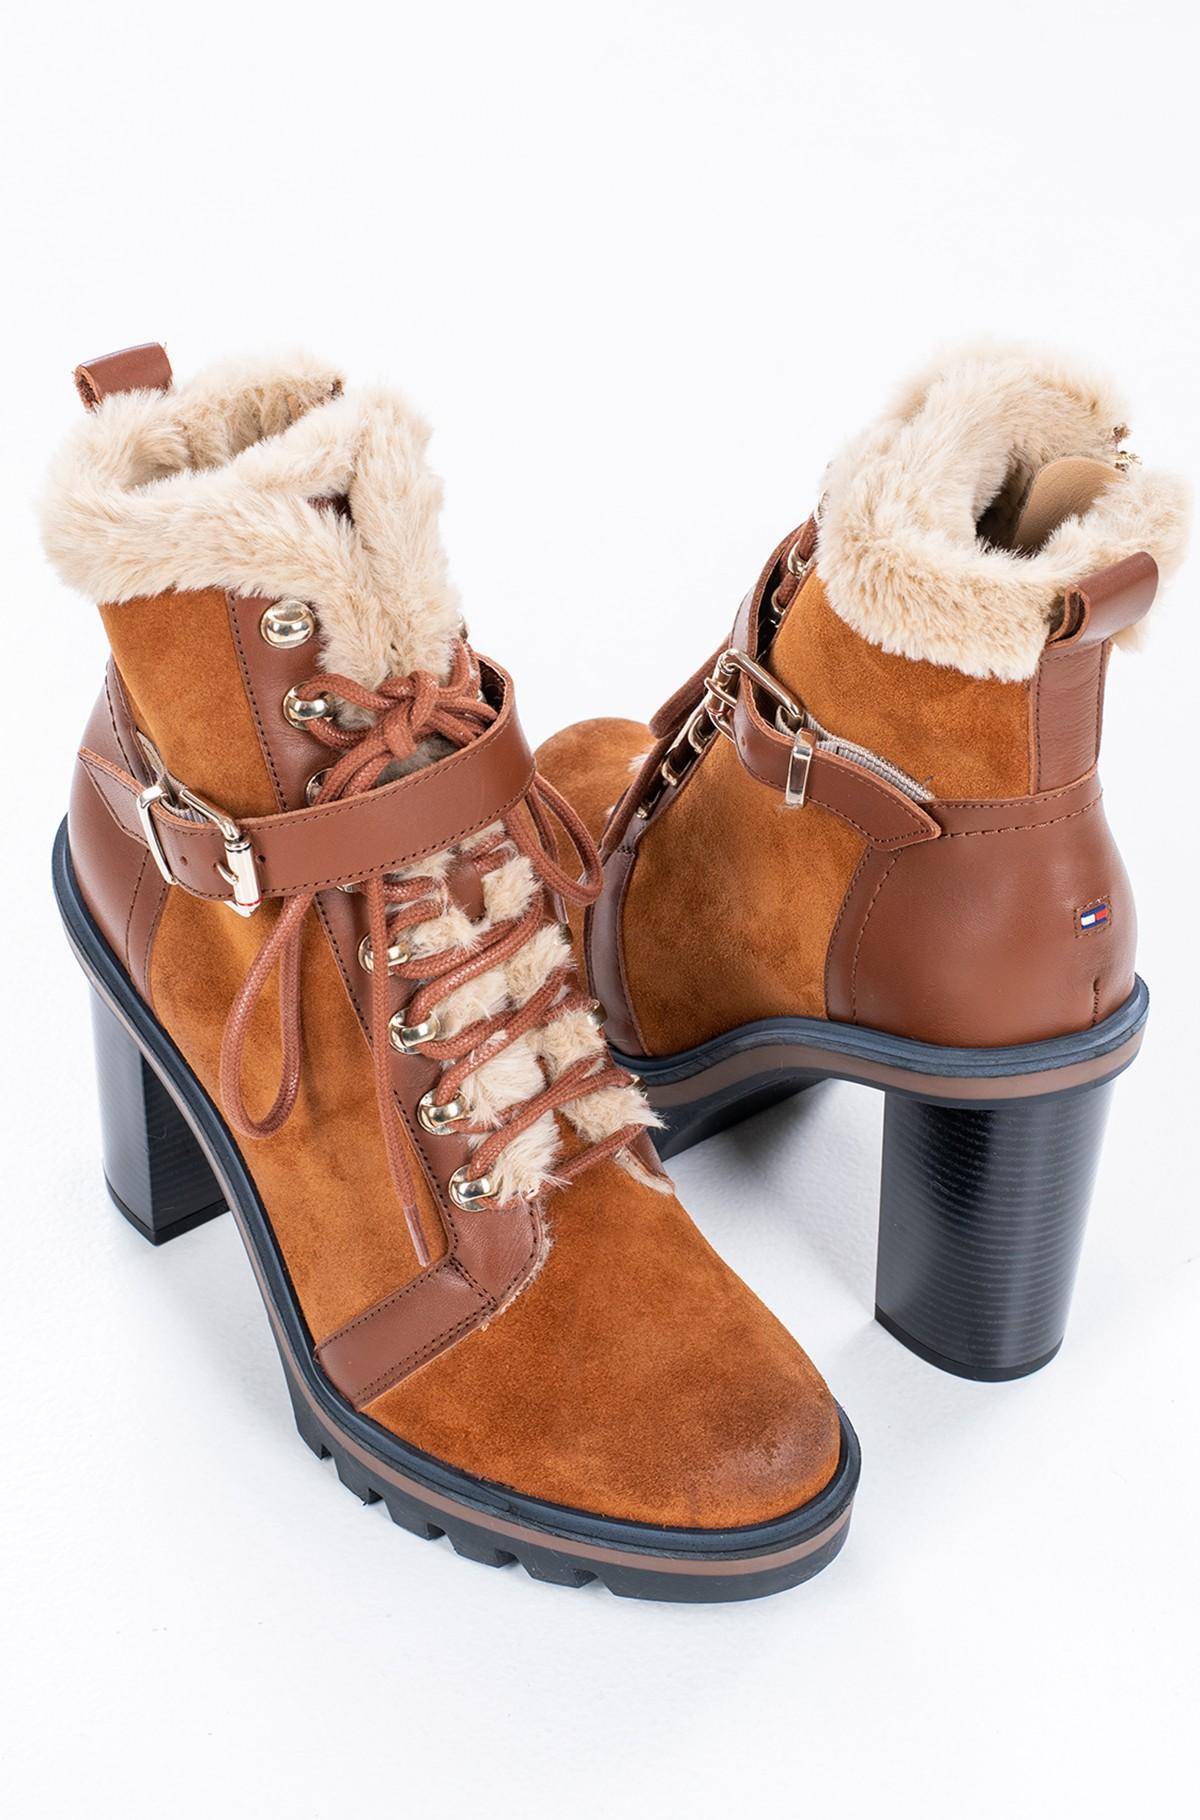 Saapad TOMMY WARM LINED HIGH HEEL BOOT-full-2